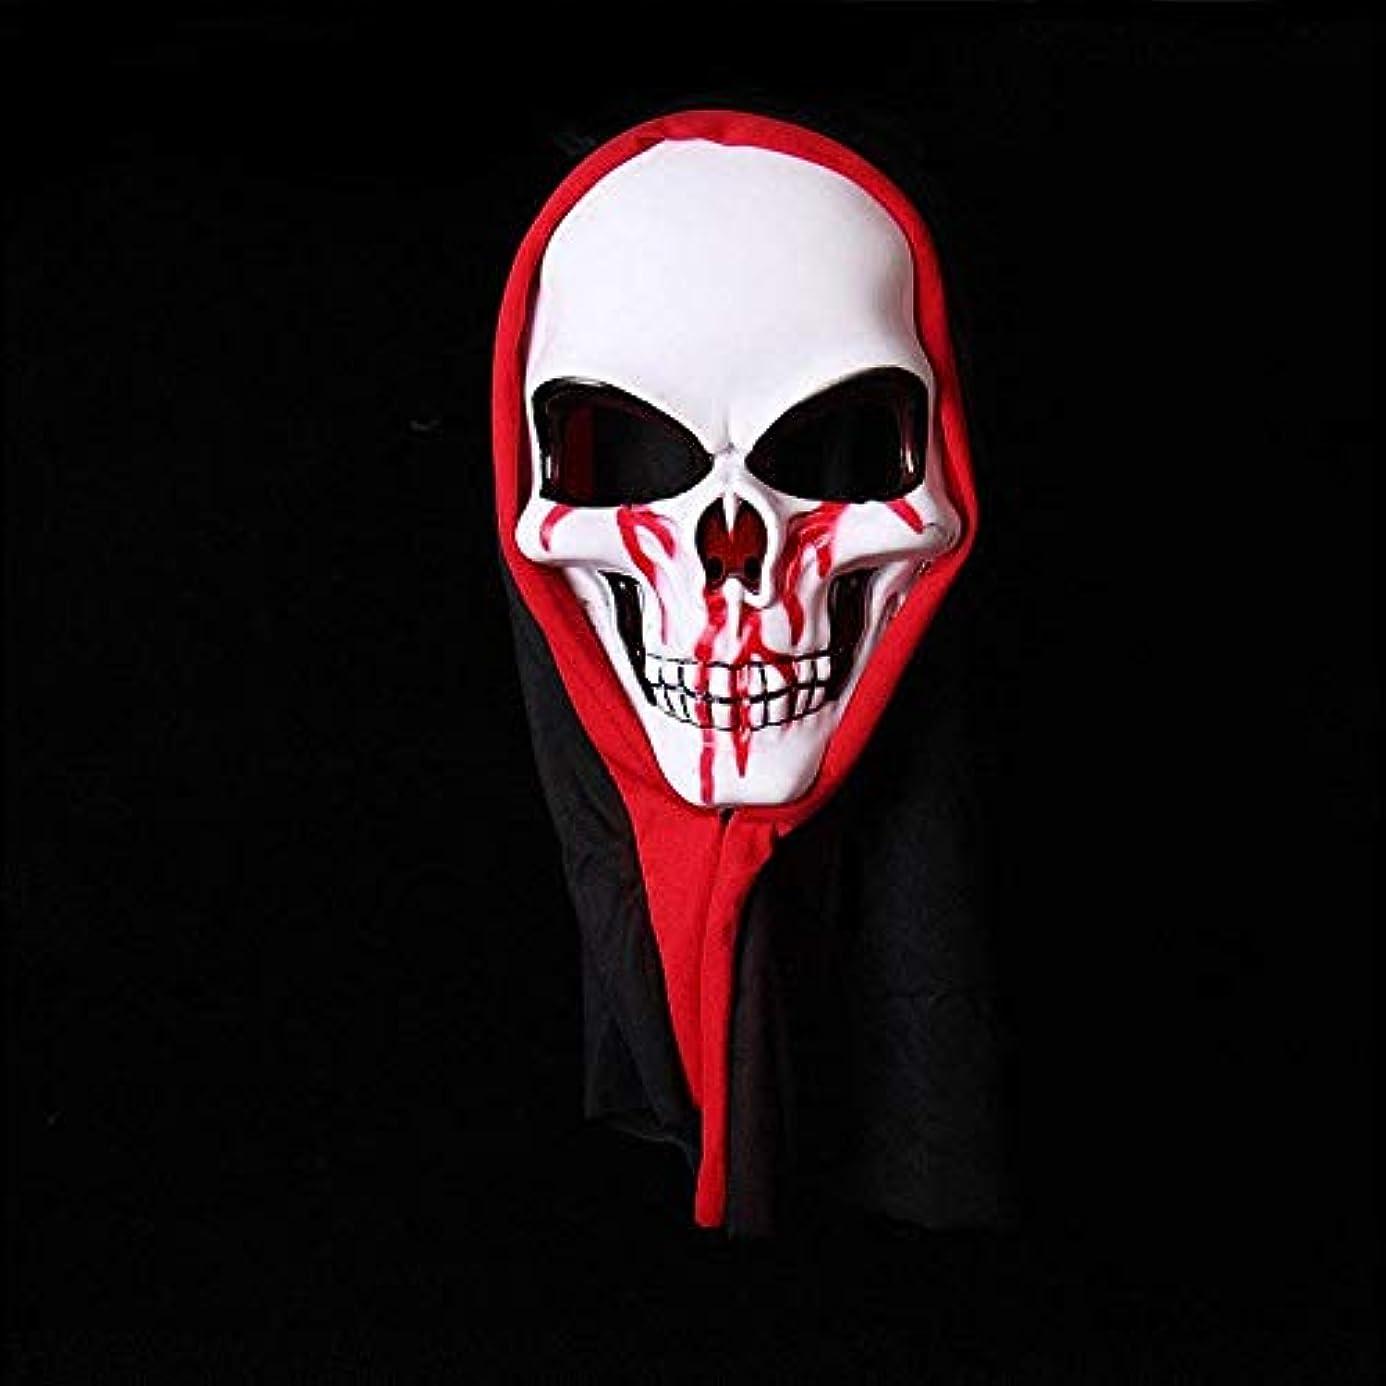 水を飲む受信機つらいCozyswan ハロウィンマスク 血まみれ スケルトン ヘッドスカーフ付き PVC製 ハロウィン飾り 怖い 雰囲気 ホラー パーティー 学園祭 文化祭 被り物 仮装 おしゃれ